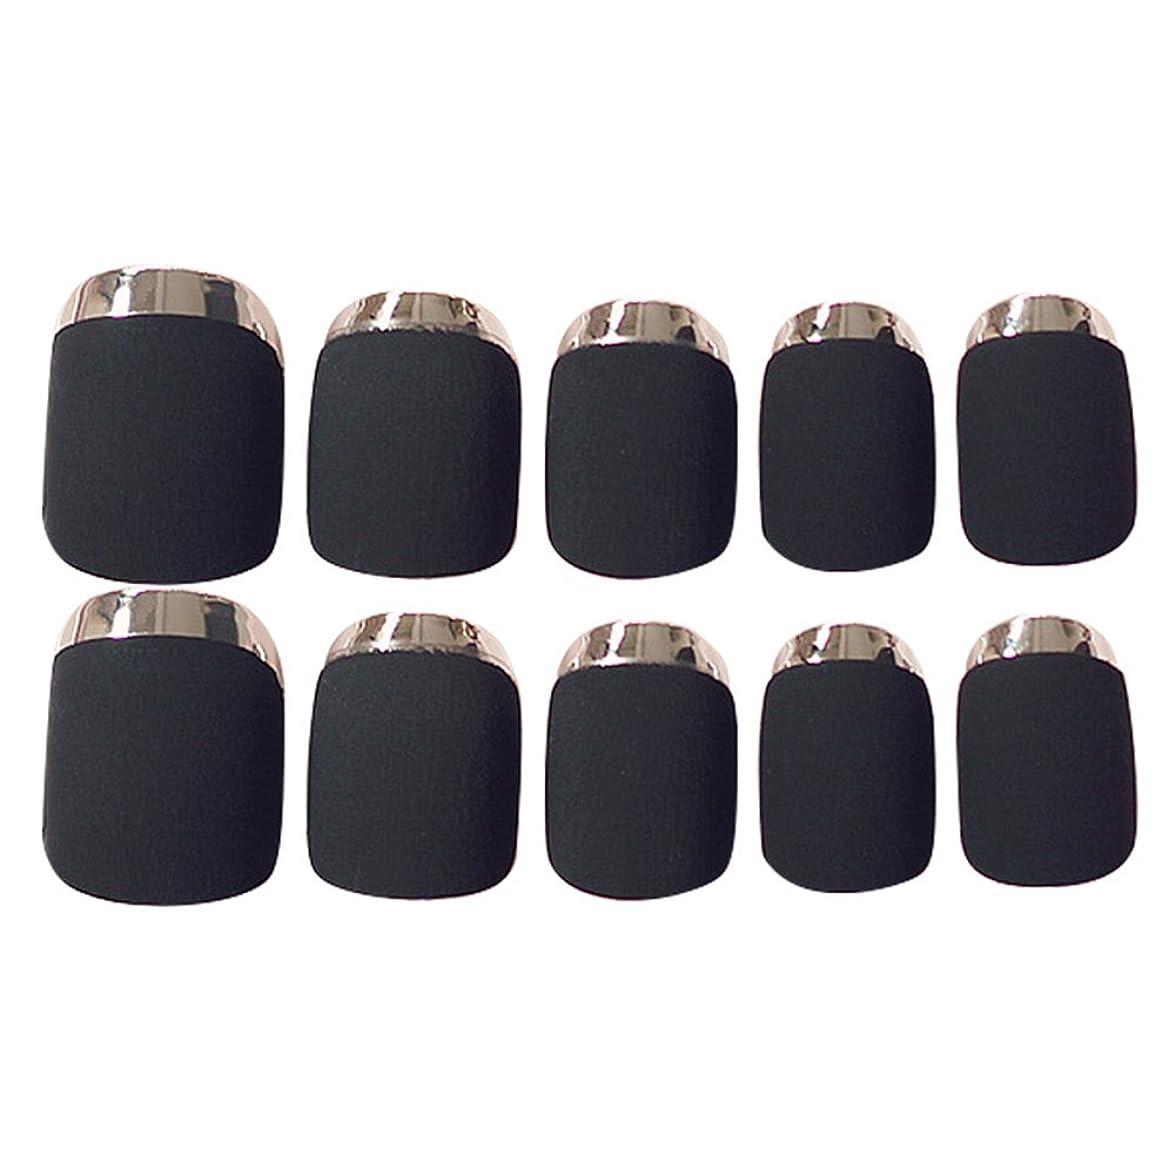 交じるモード折ゴシレ Gosear 24 個 12 サイズ ネイルチップ 人工偽爪のヒント 黑色